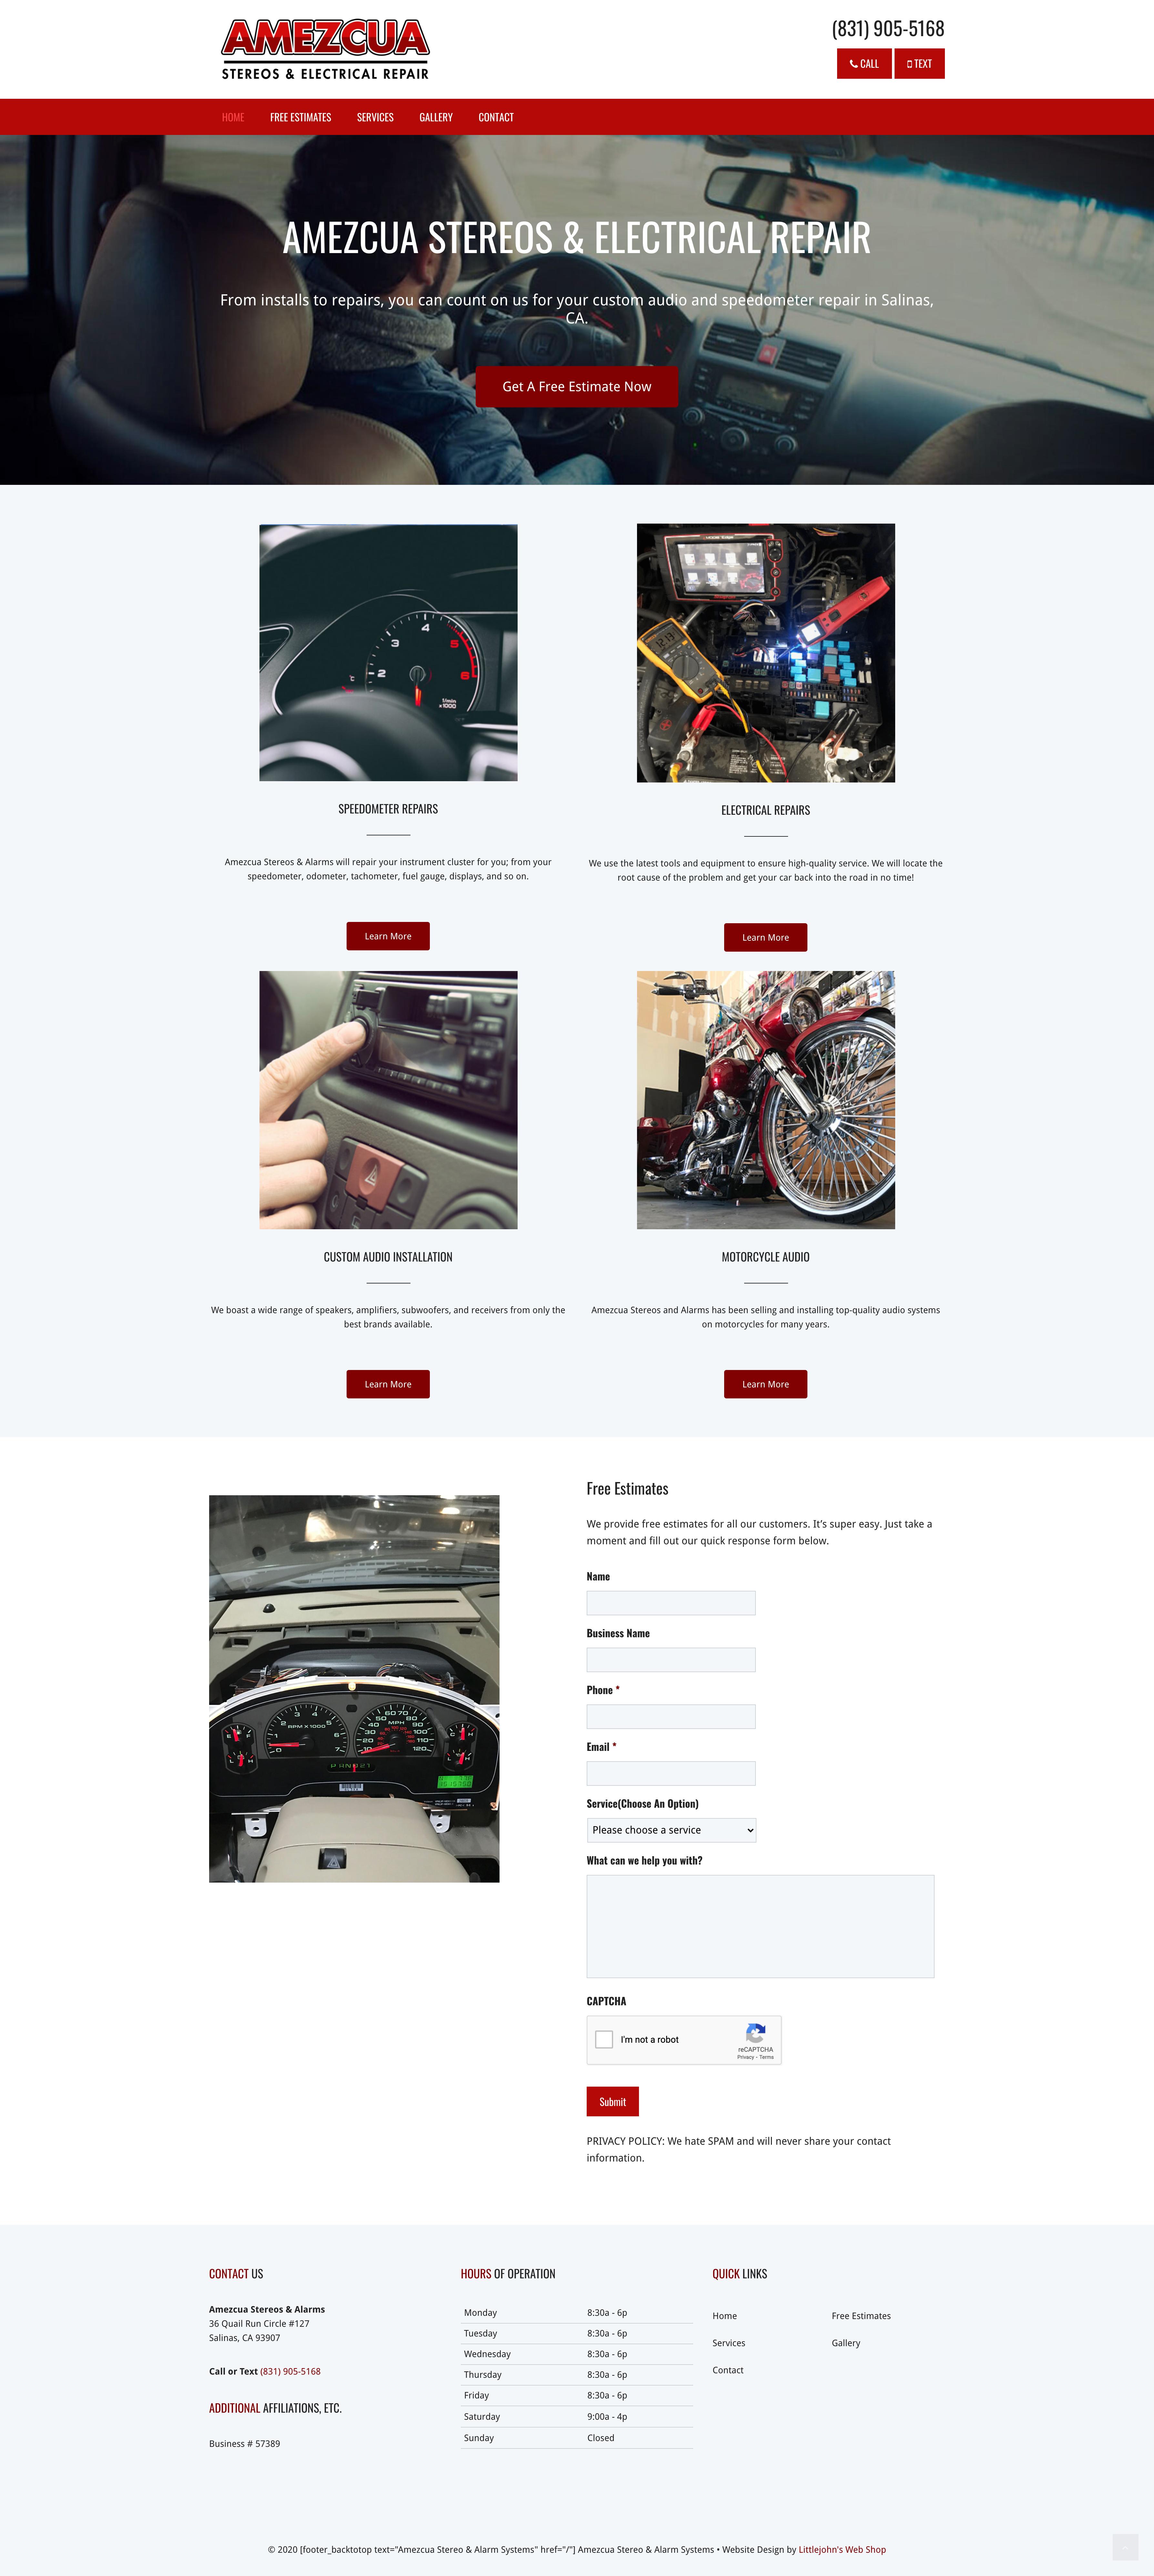 Amezcua Website Design